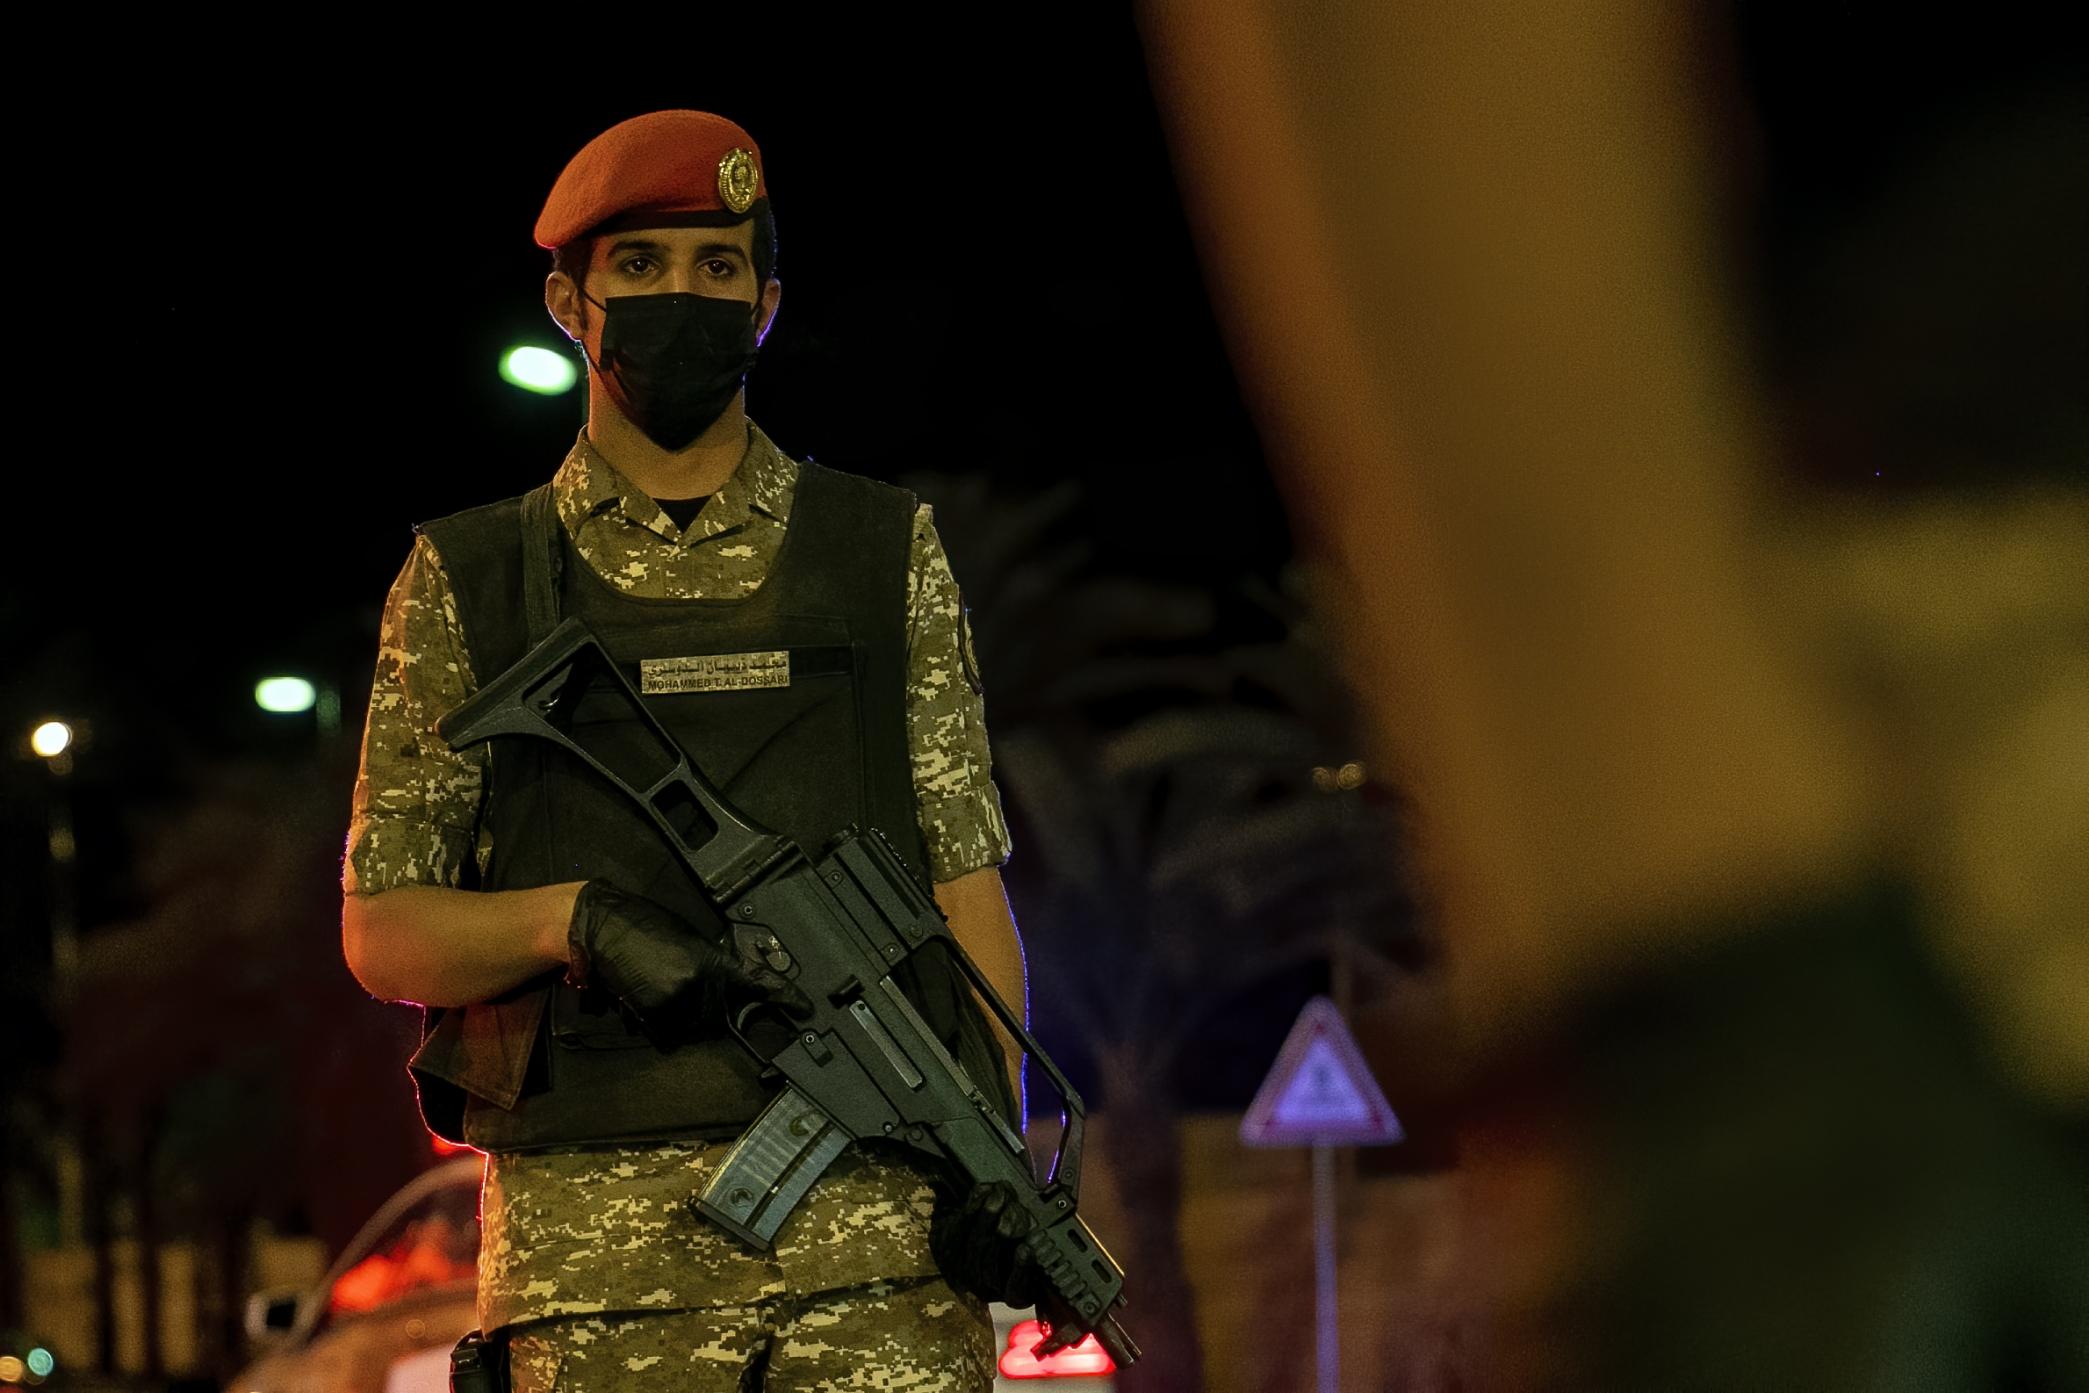 صور رجال الامن في السعودية كل القطاعات 13 scaled